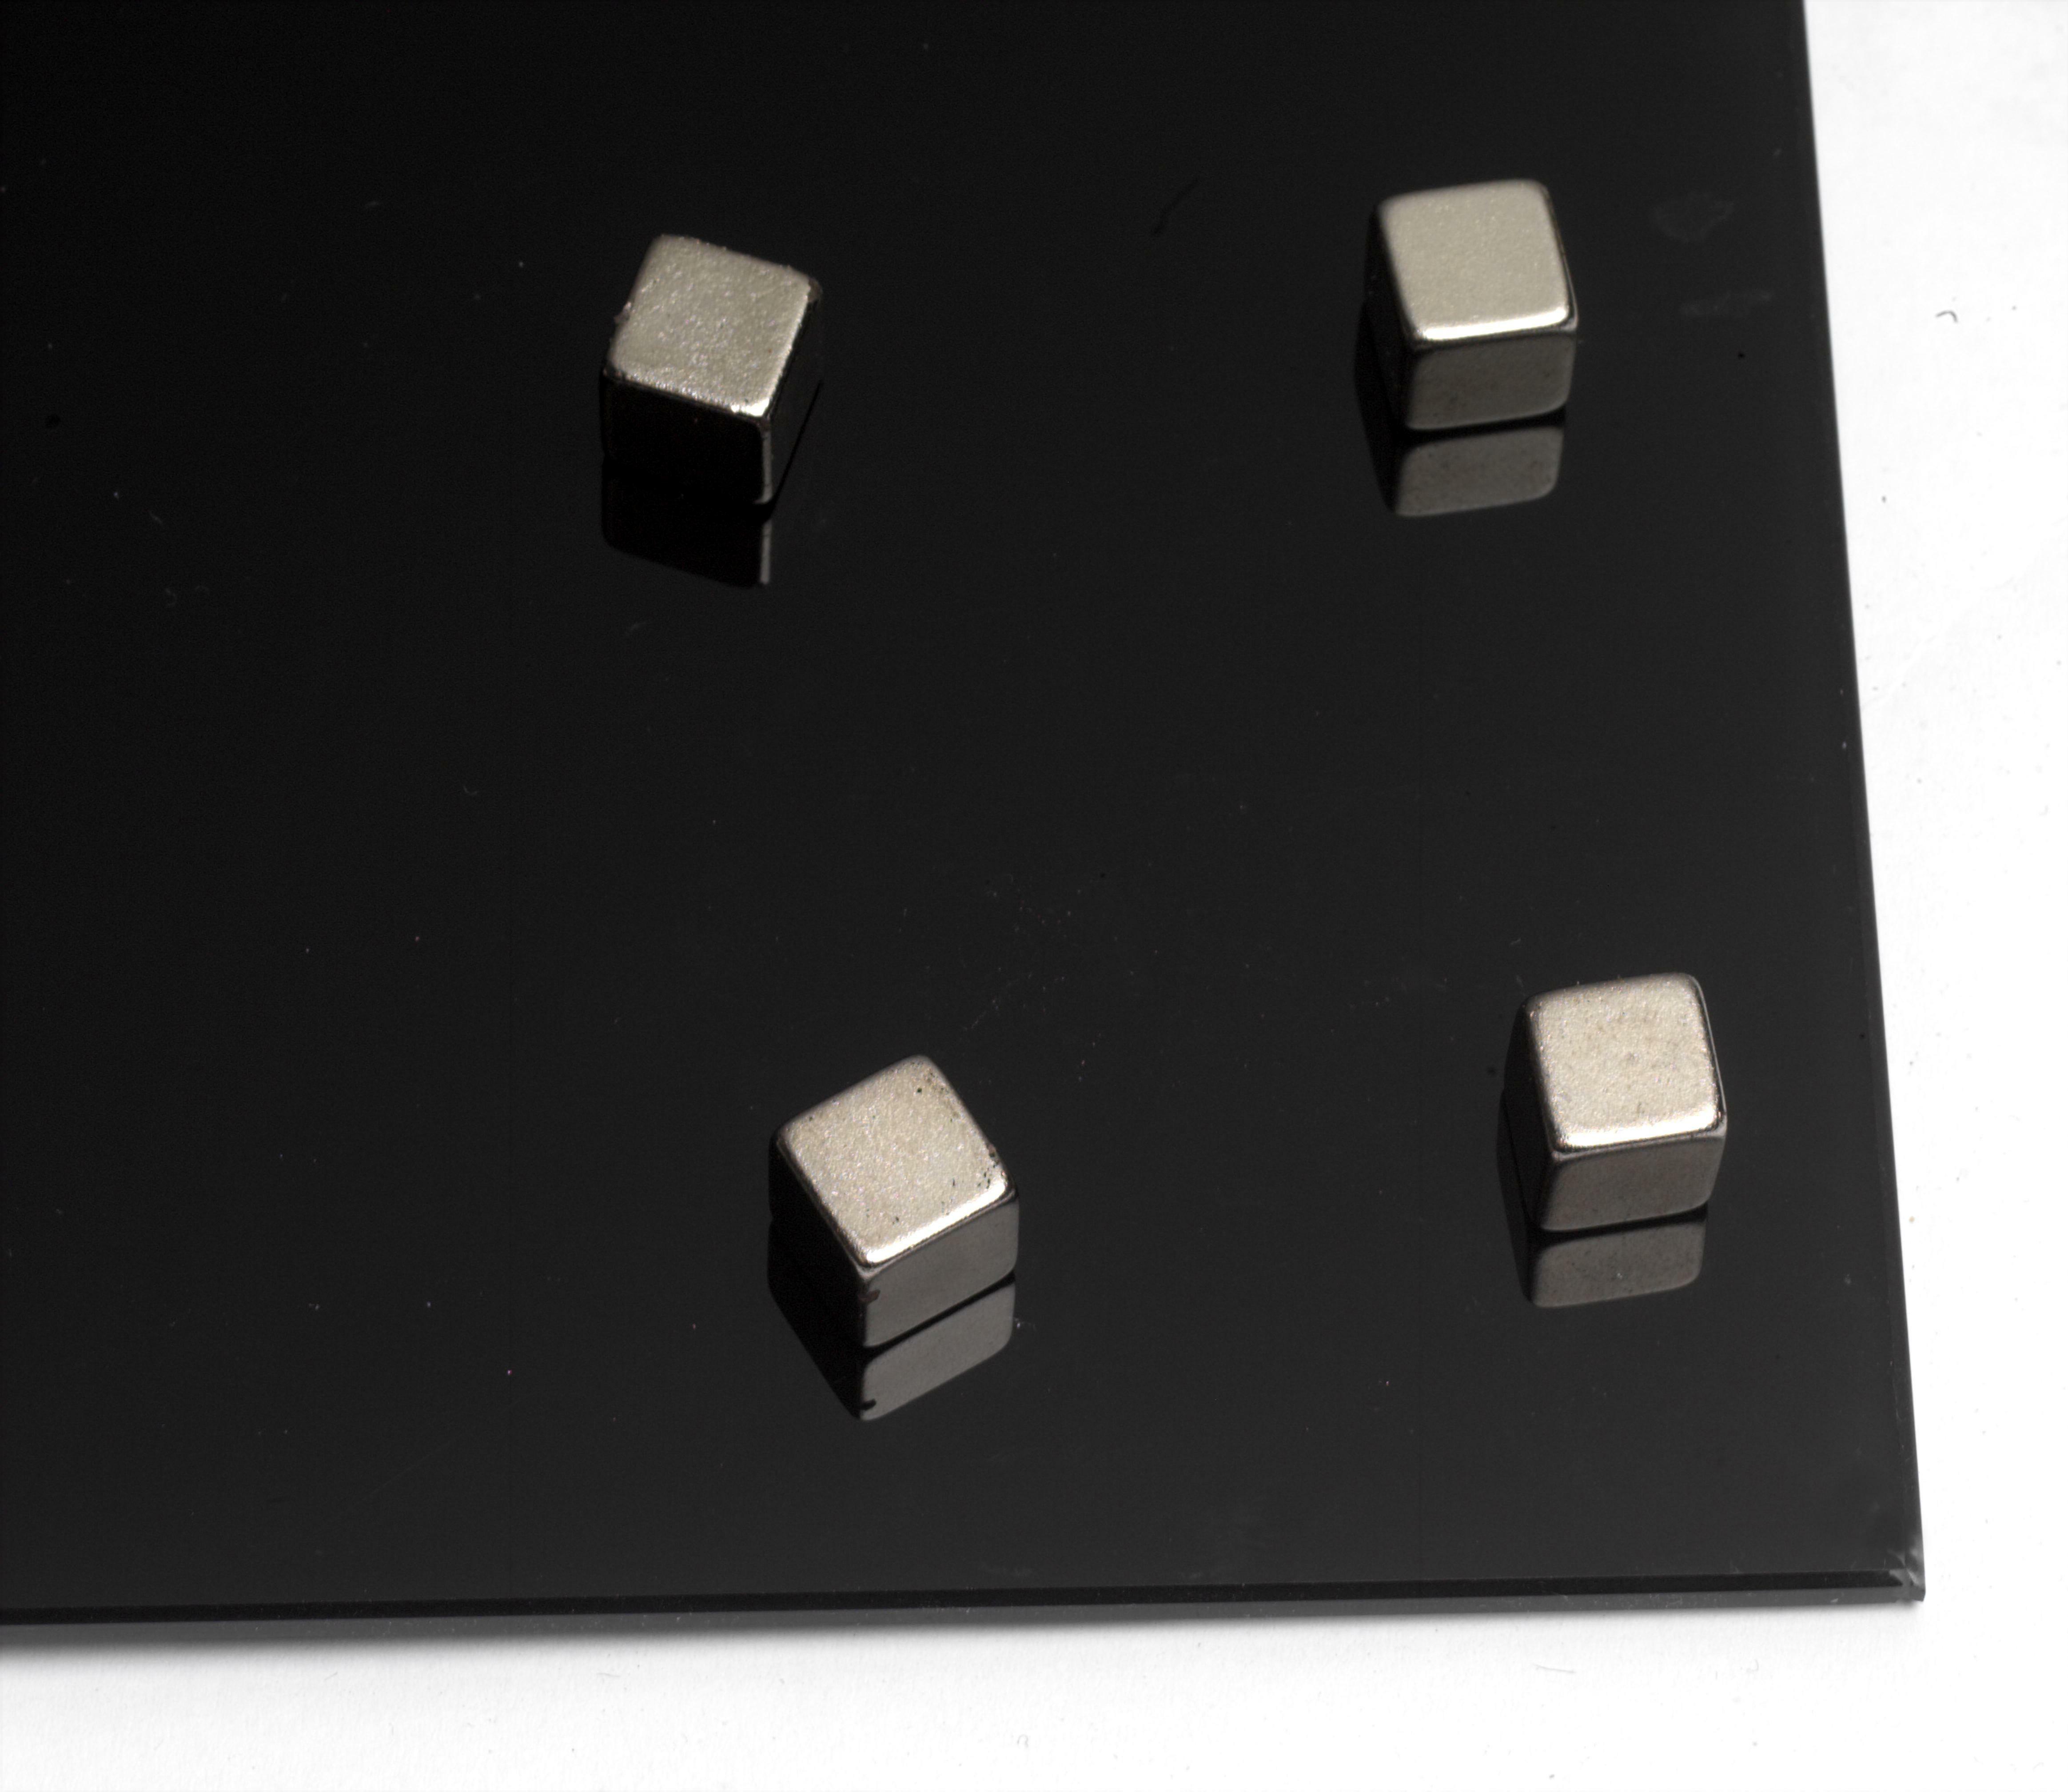 Super silné magnety na skleněné tabule - 10 x 10 x 10 mm / 4 ks - tvar krychle